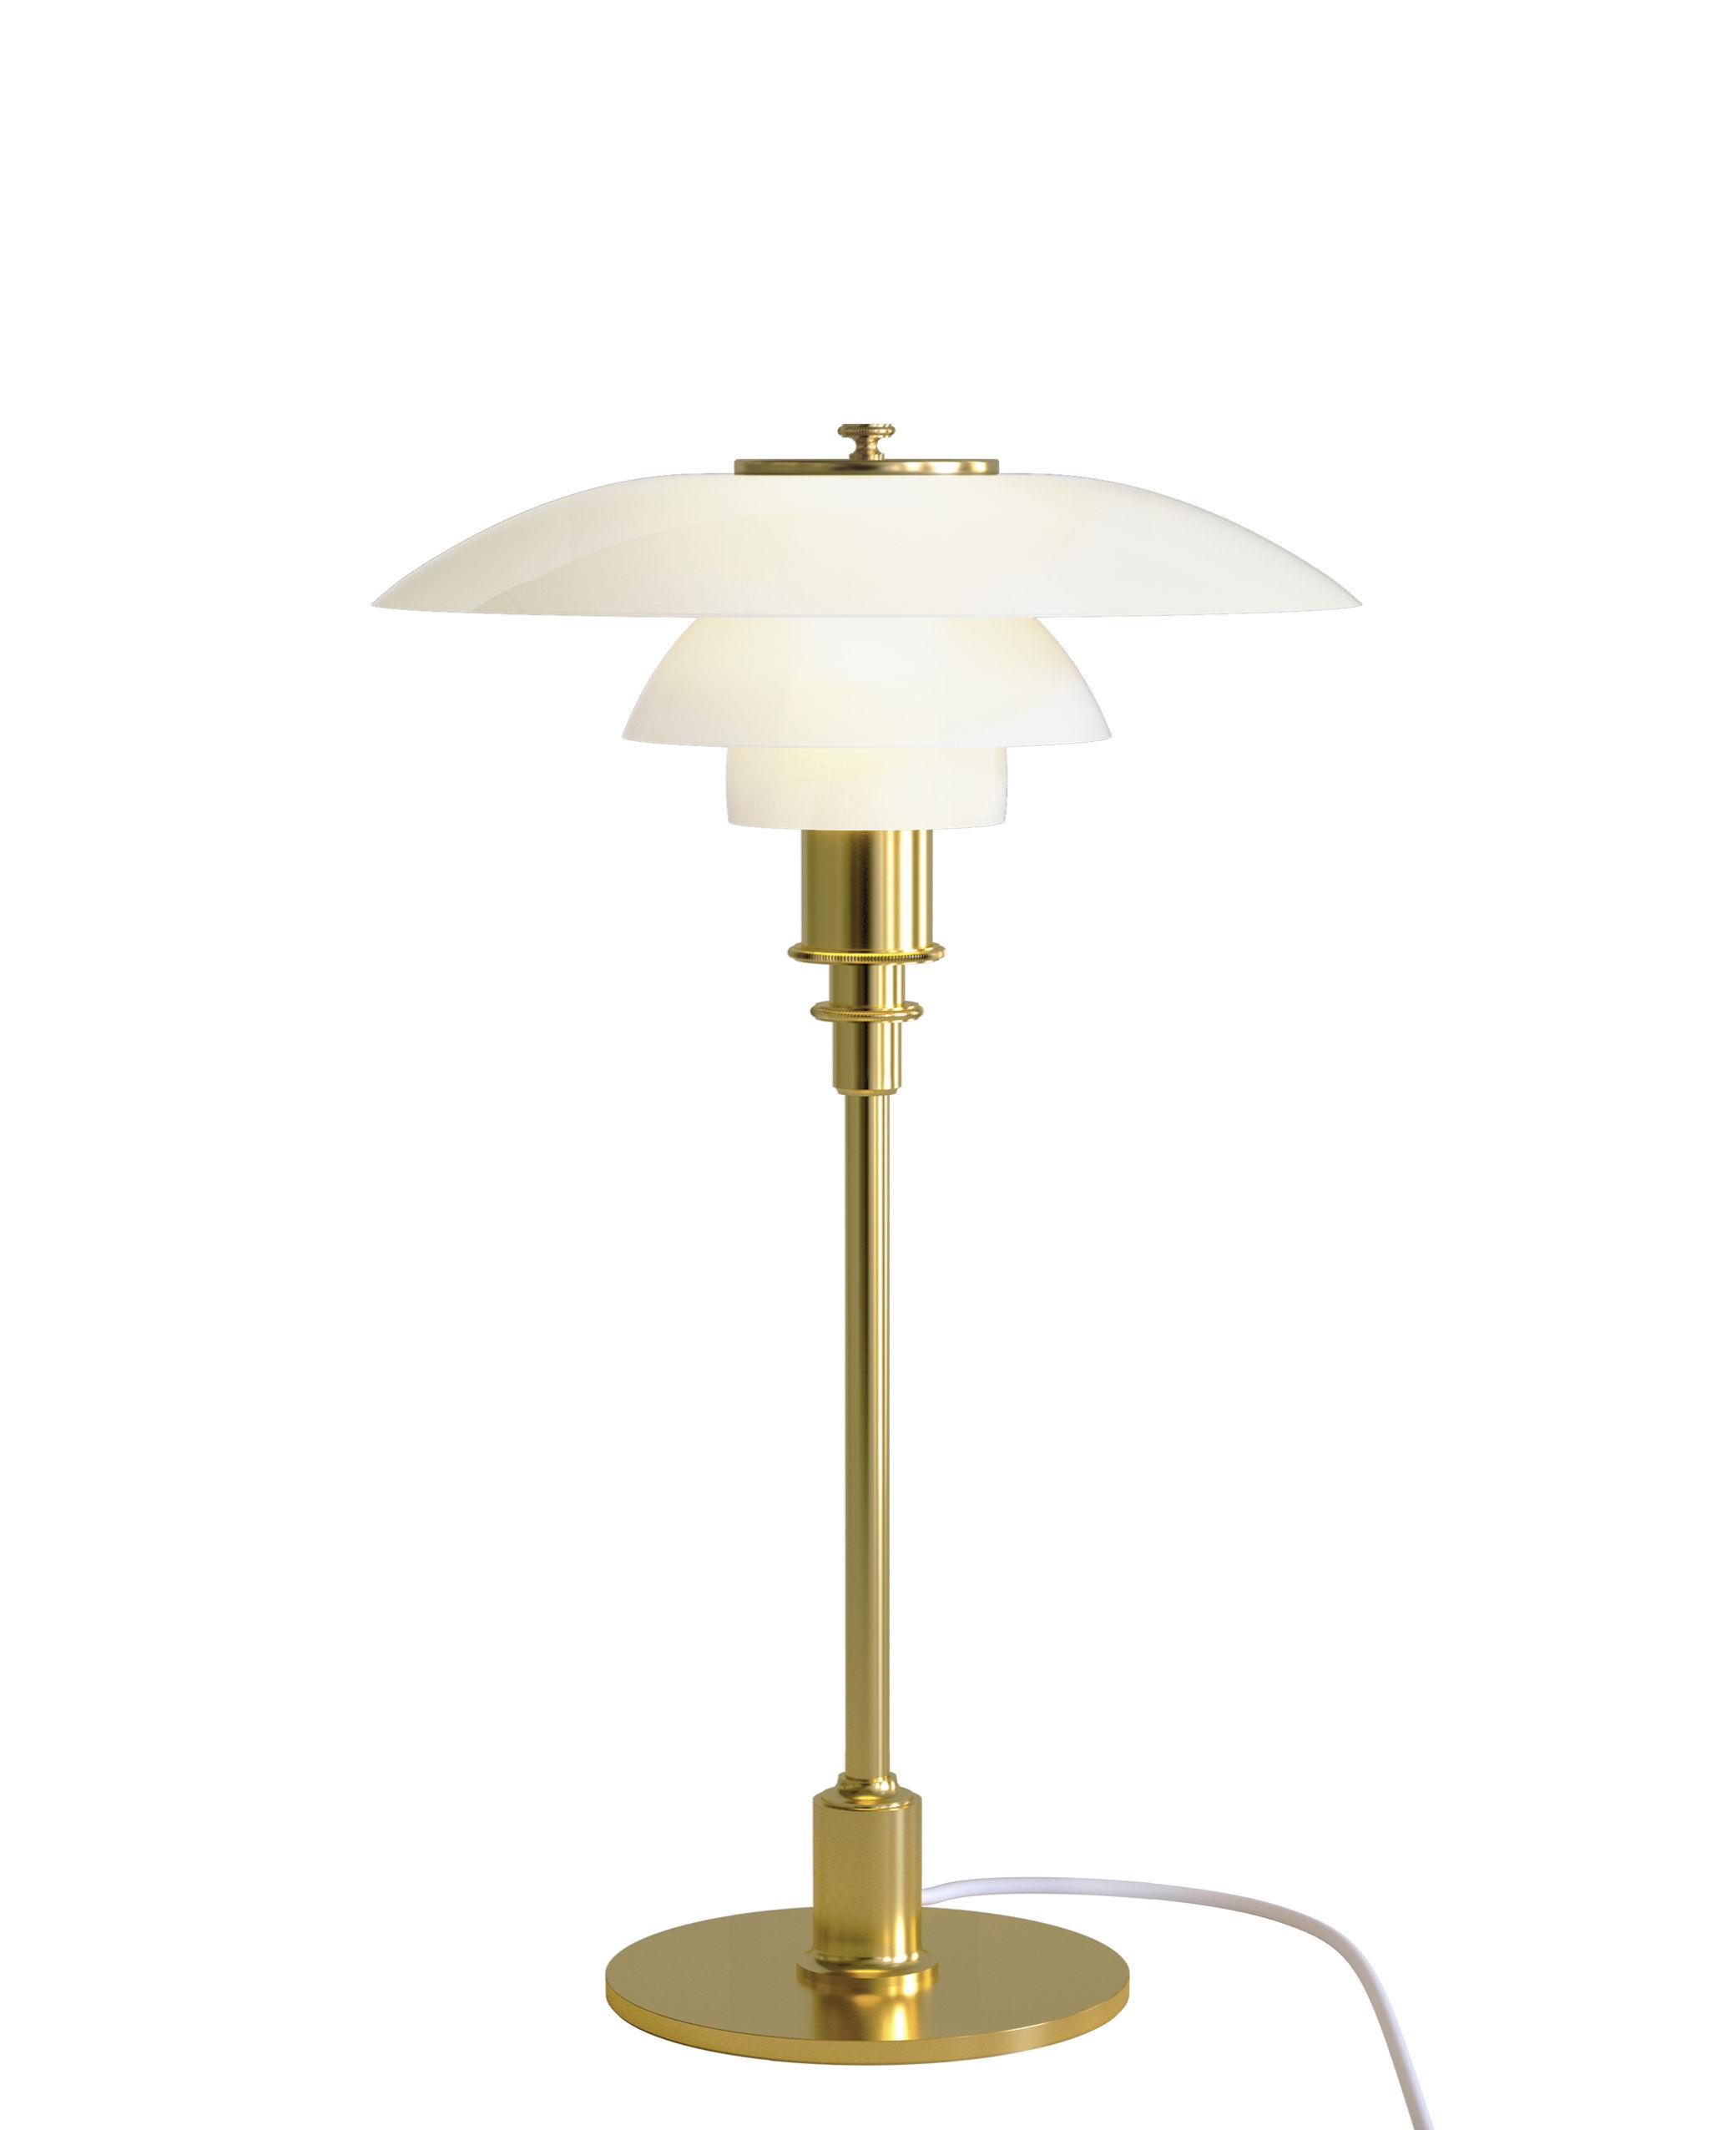 Luminaire - Lampes de table - Lampe de table PH 3/2 / Verre & laiton - 1927 - Louis Poulsen - Blanc / Laiton - Laiton, Verre soufflé bouche